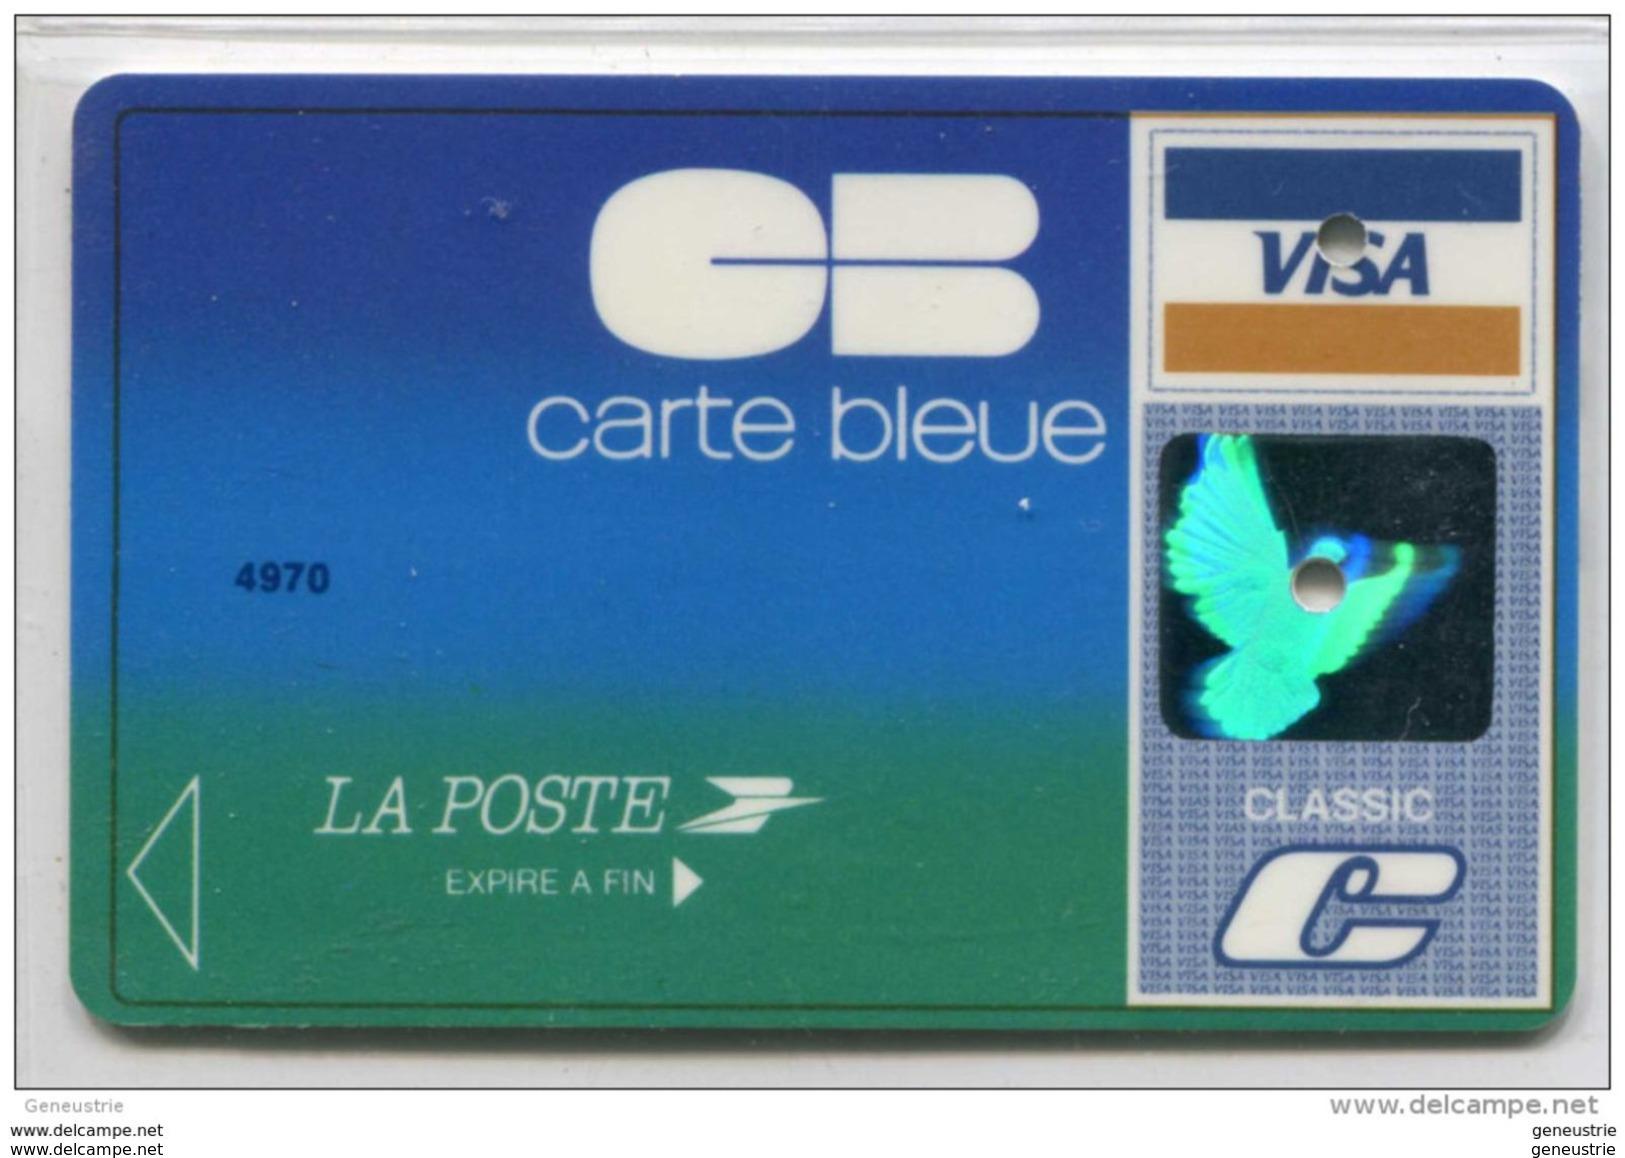 Spécimen De Carte Bancaire De Crédit Visa (annulée) - Carte Bleue - La Poste - Chèques Postaux à Paris - Credit Card - Cartes De Crédit (expiration Min. 10 Ans)